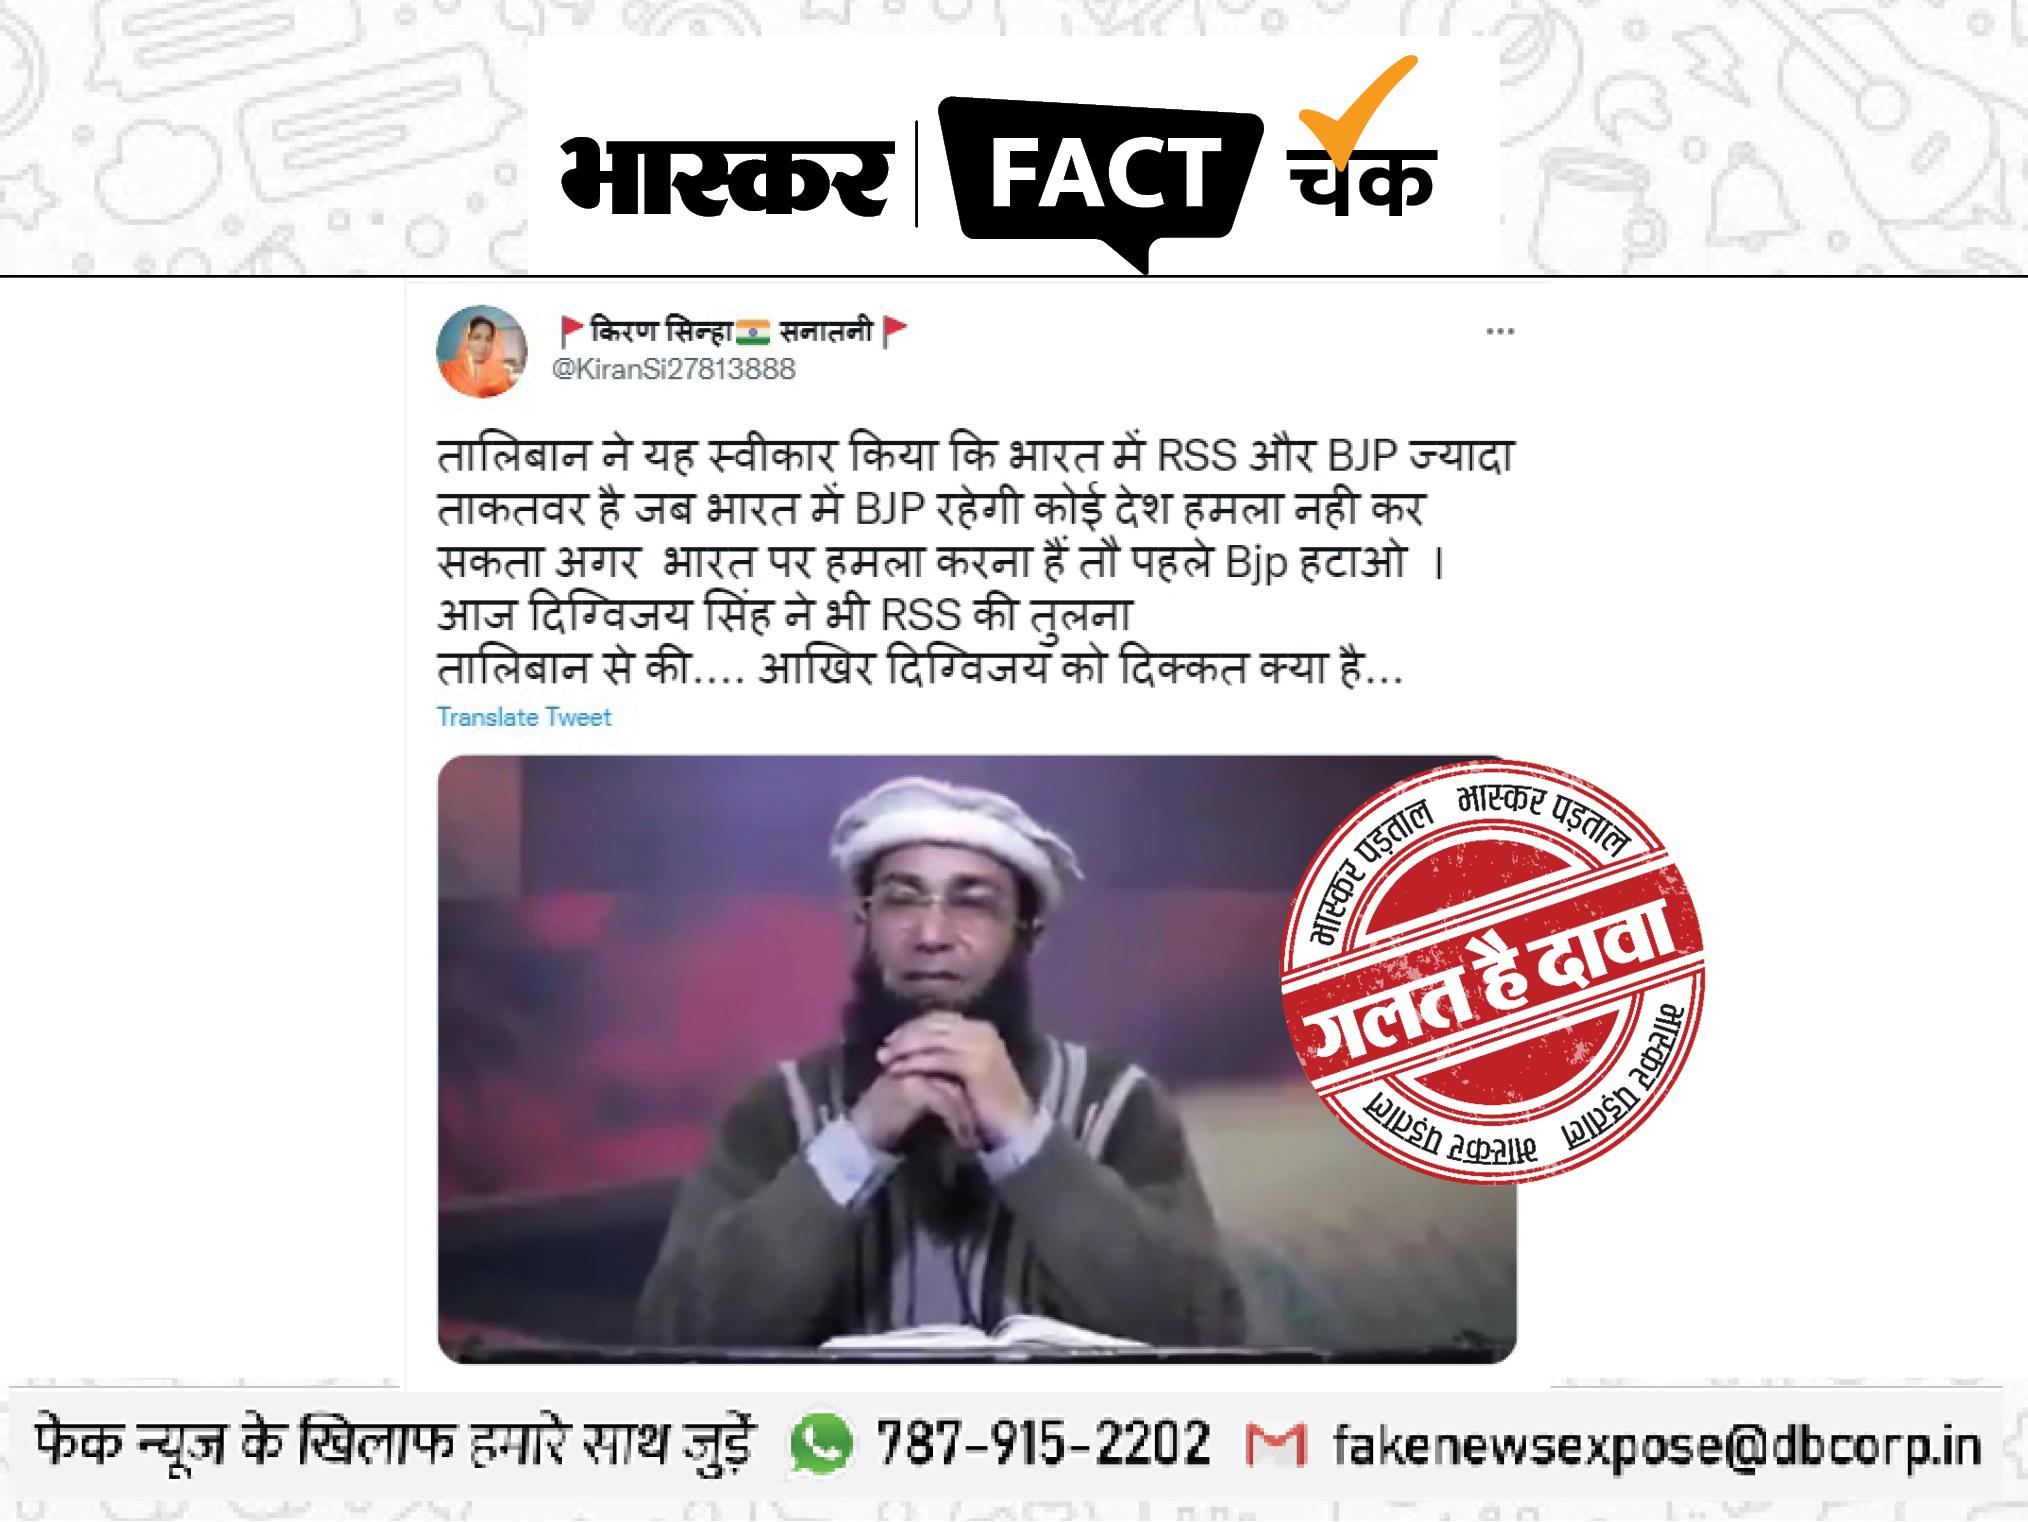 तालिबान के मुख्य सचिव ने कहा, जबतक RSS और BJP है भारत में कोई हमला नहीं कर सकता? जानिए इसकी सच्चाई|फेक न्यूज़ एक्सपोज़,Fake News Expose - Dainik Bhaskar